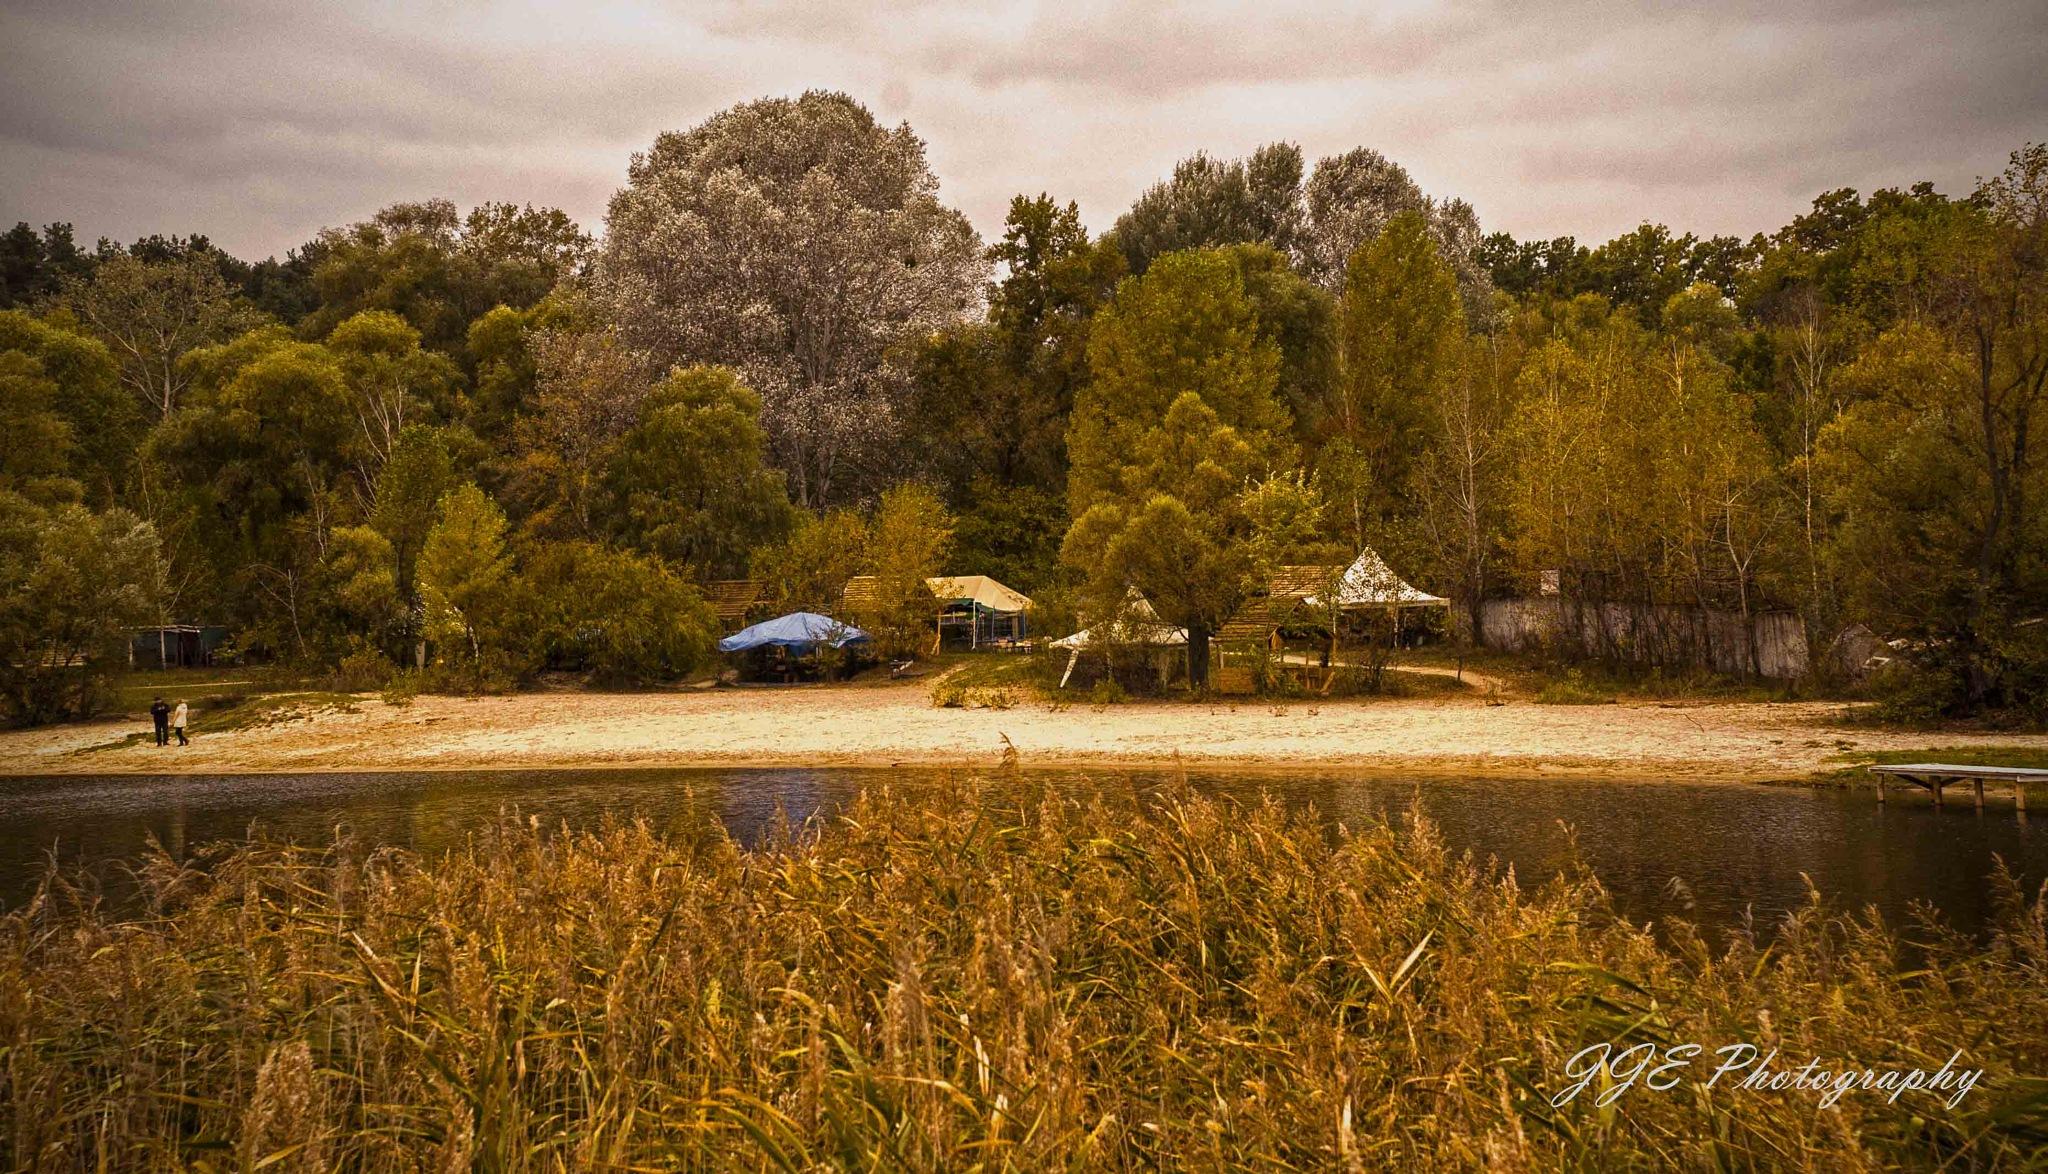 Across the lake in Autumn by jassaj